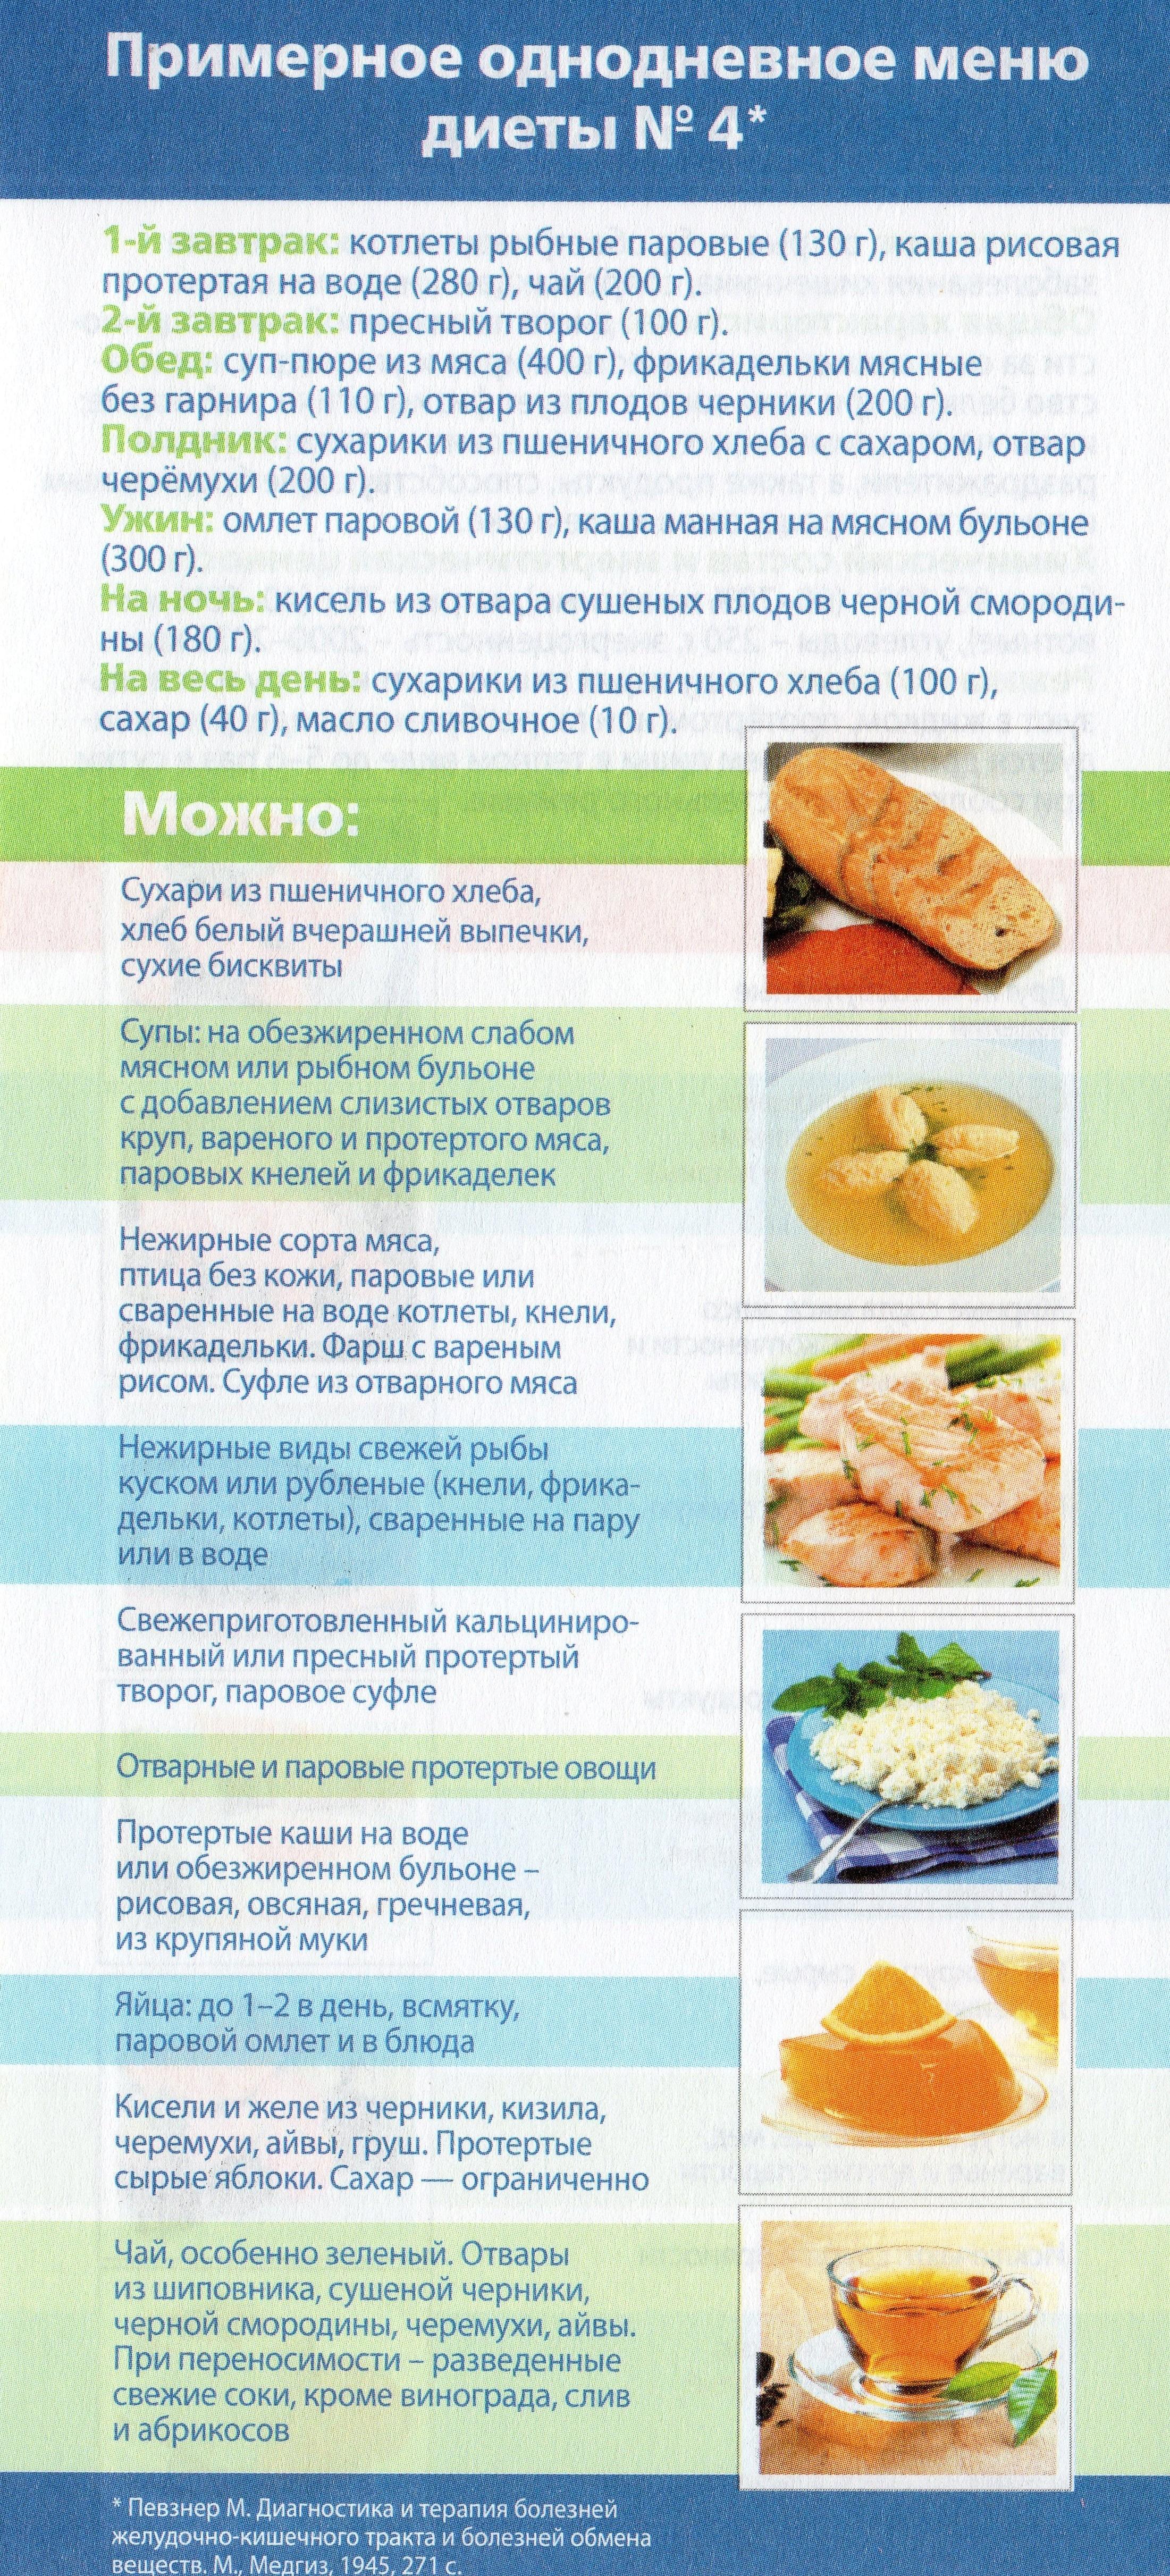 Самые эффективные диеты на 5 дней для похудения